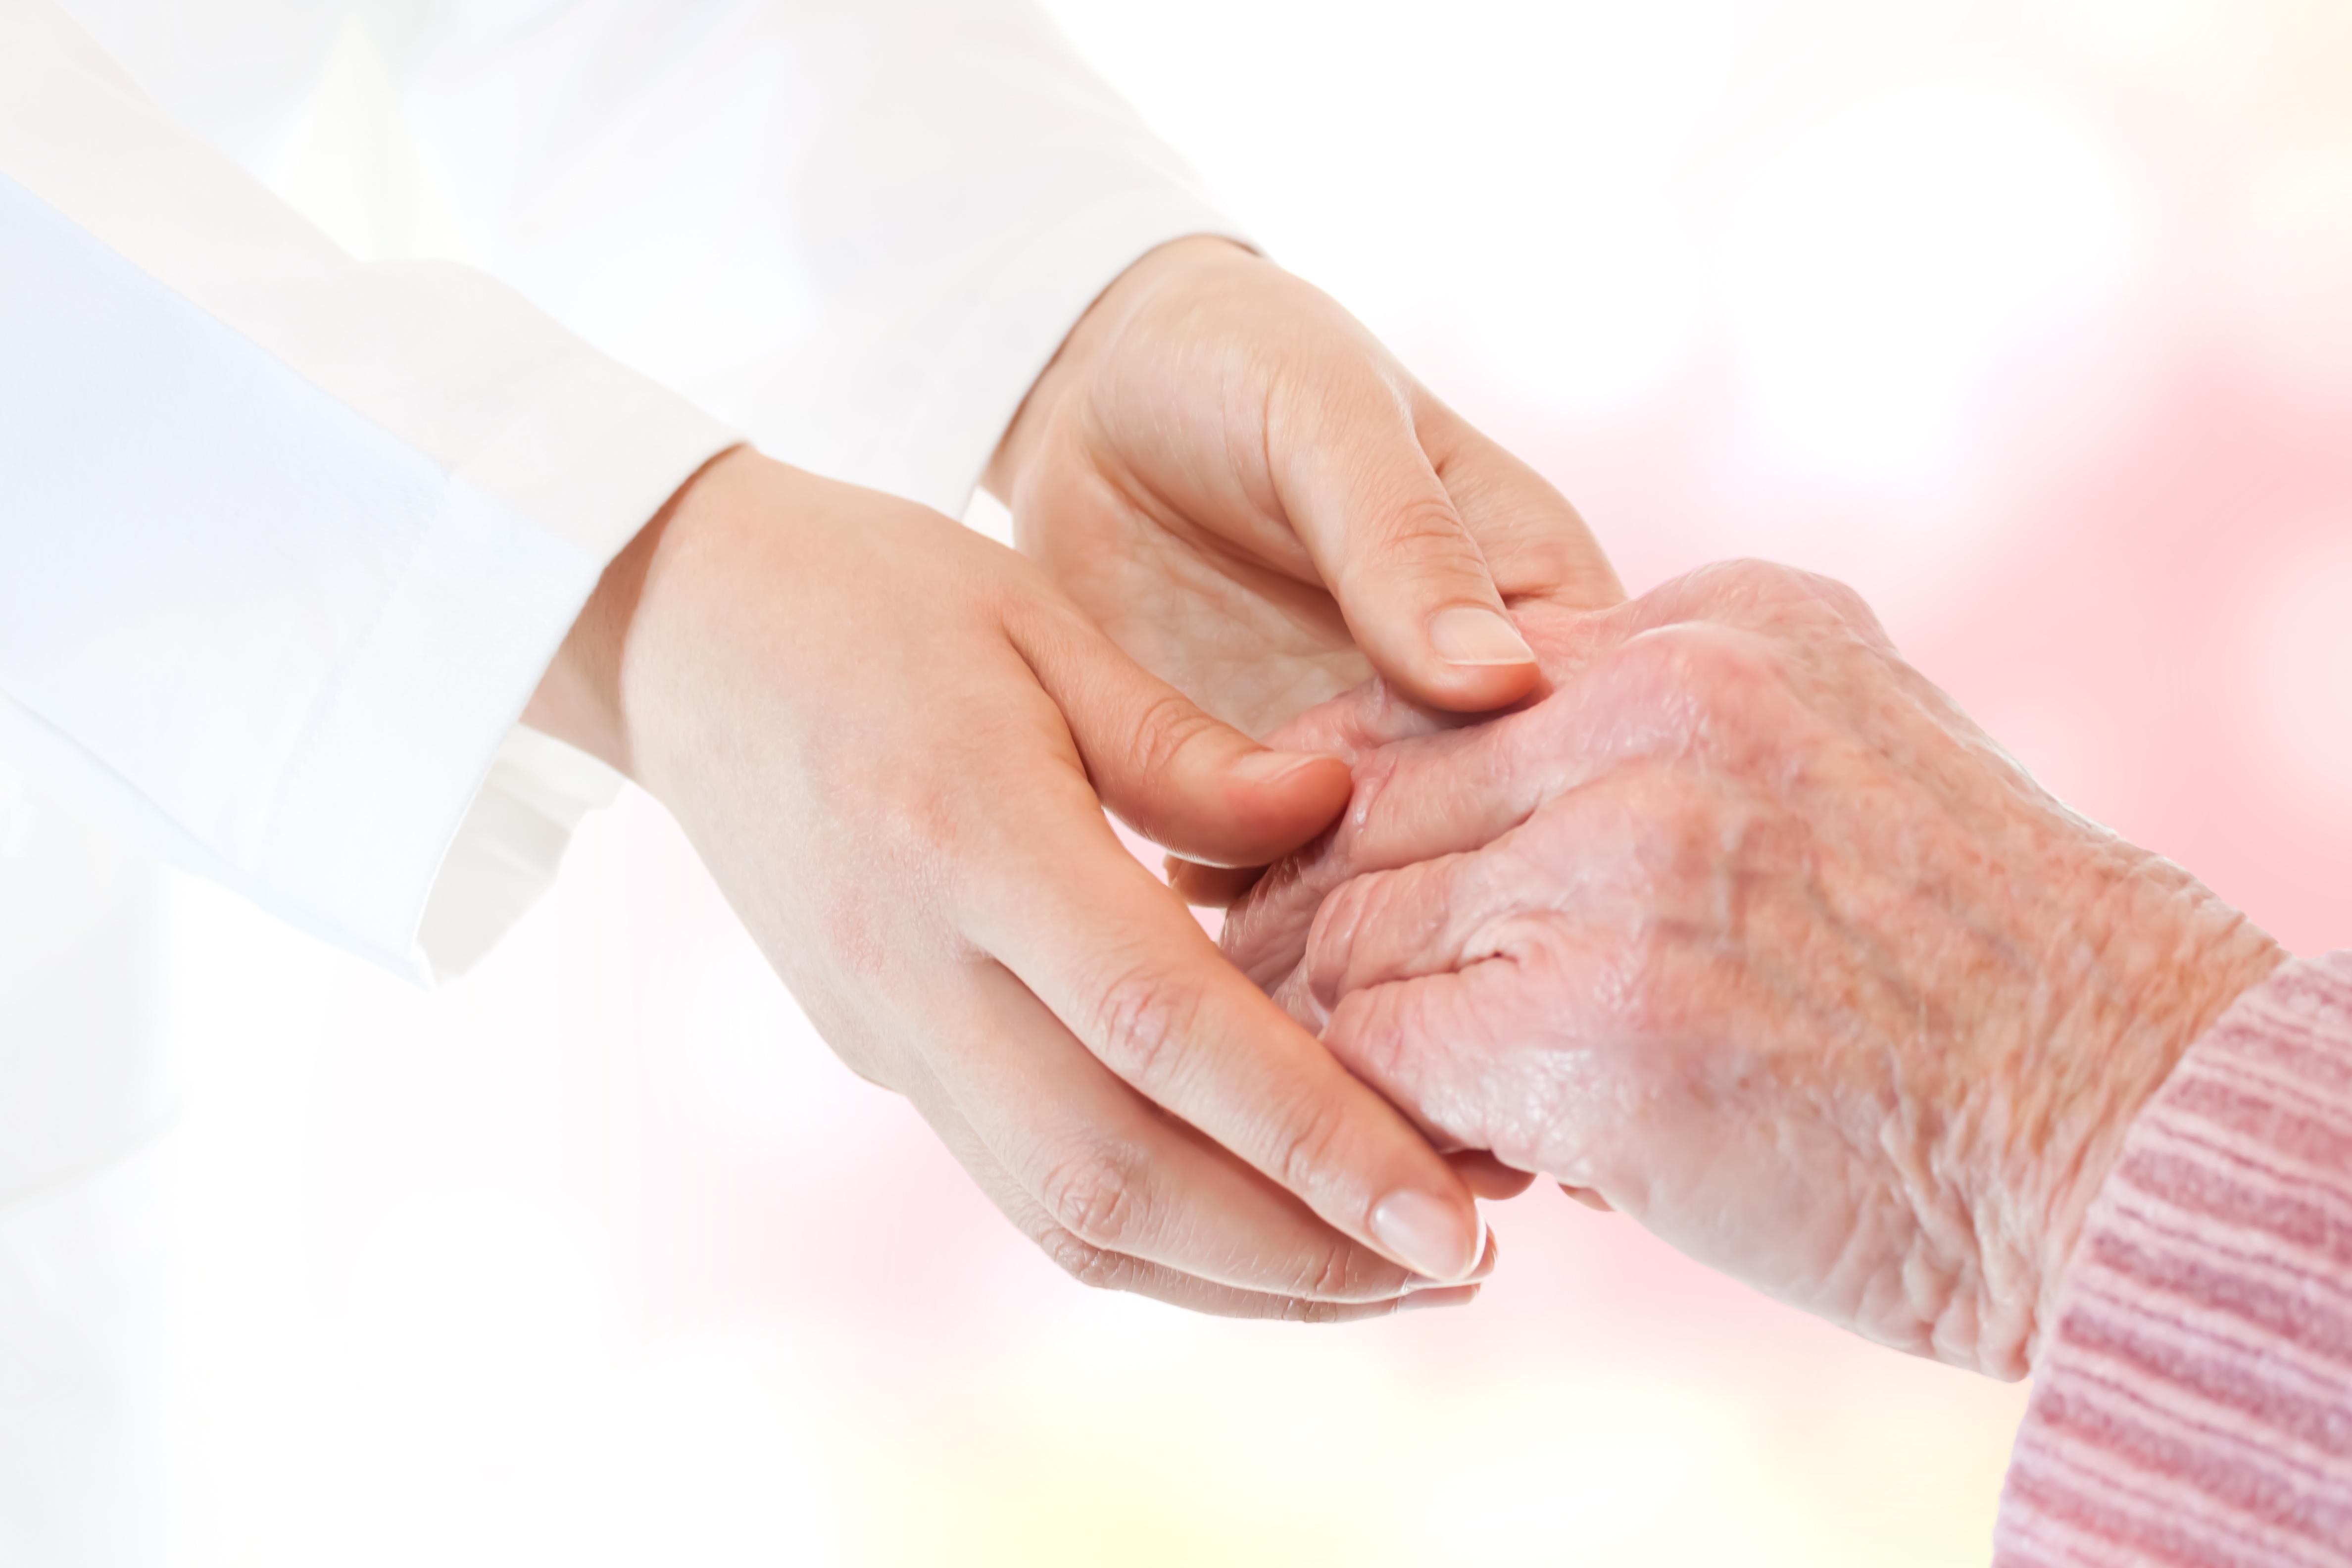 Viaţa cu poliartrită reumatoidă, o boală care poate fi tratată! - CSID: Ce se întâmplă Doctore?